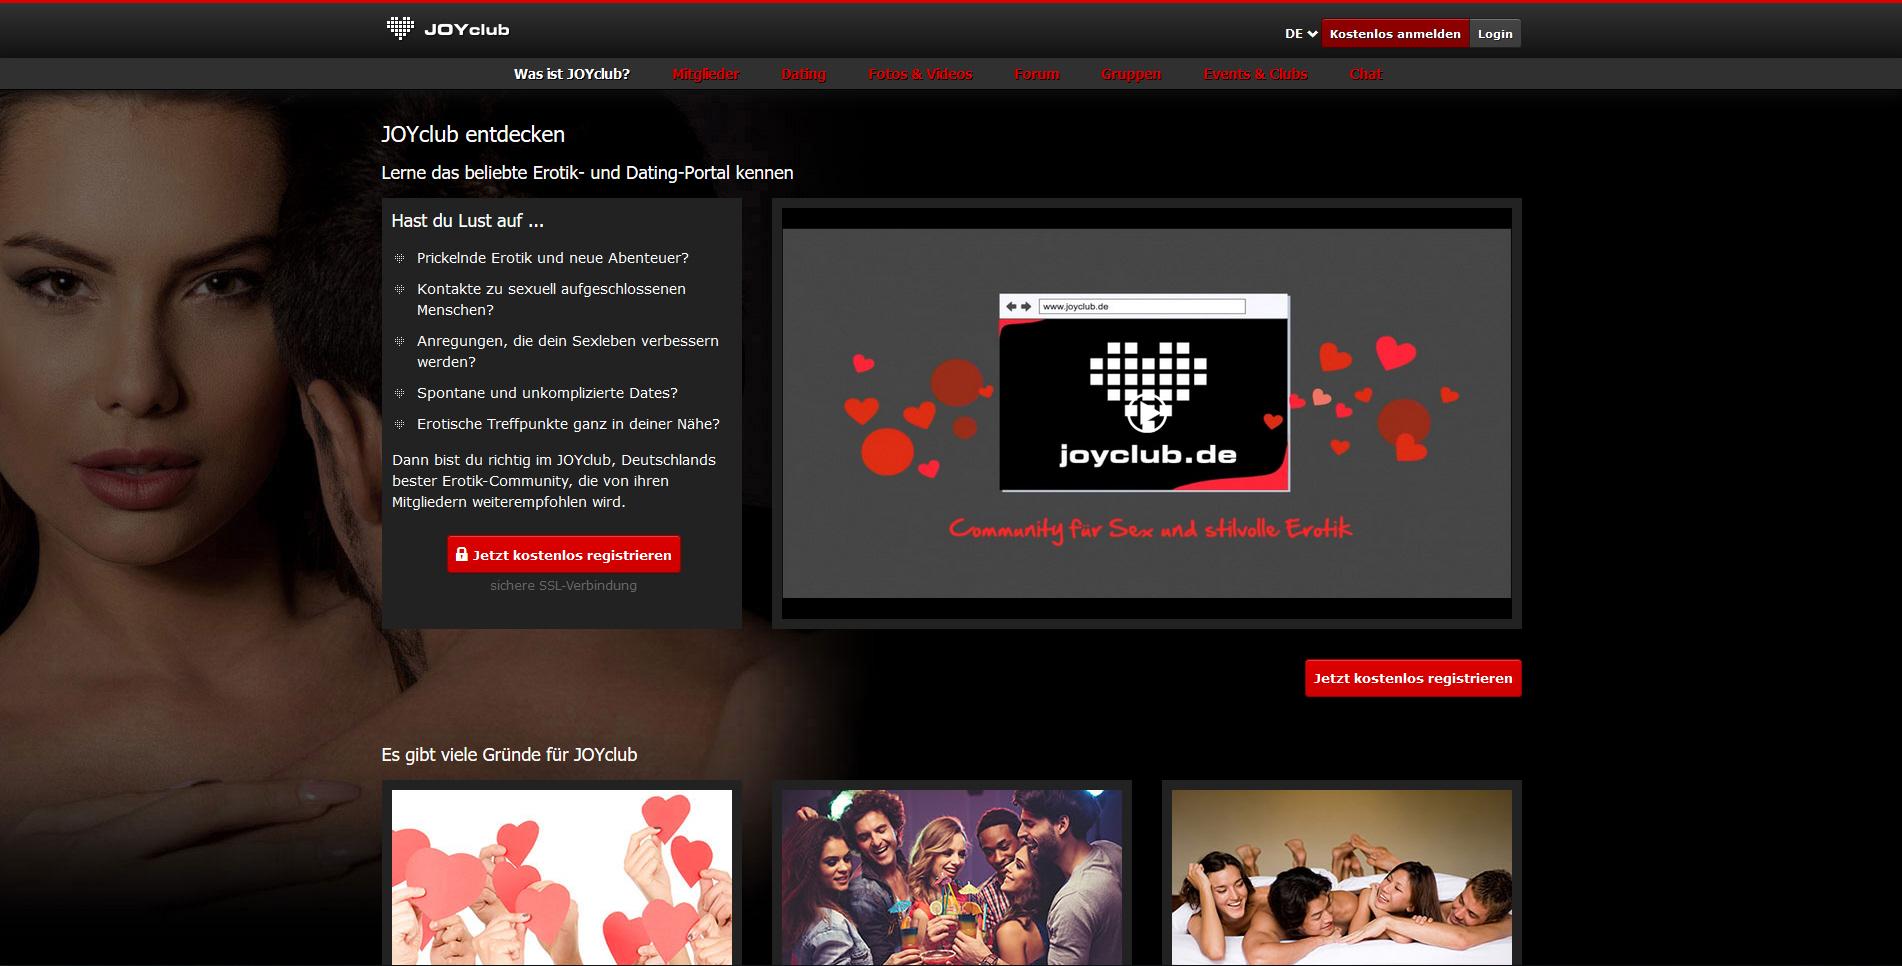 Joyclub.De/